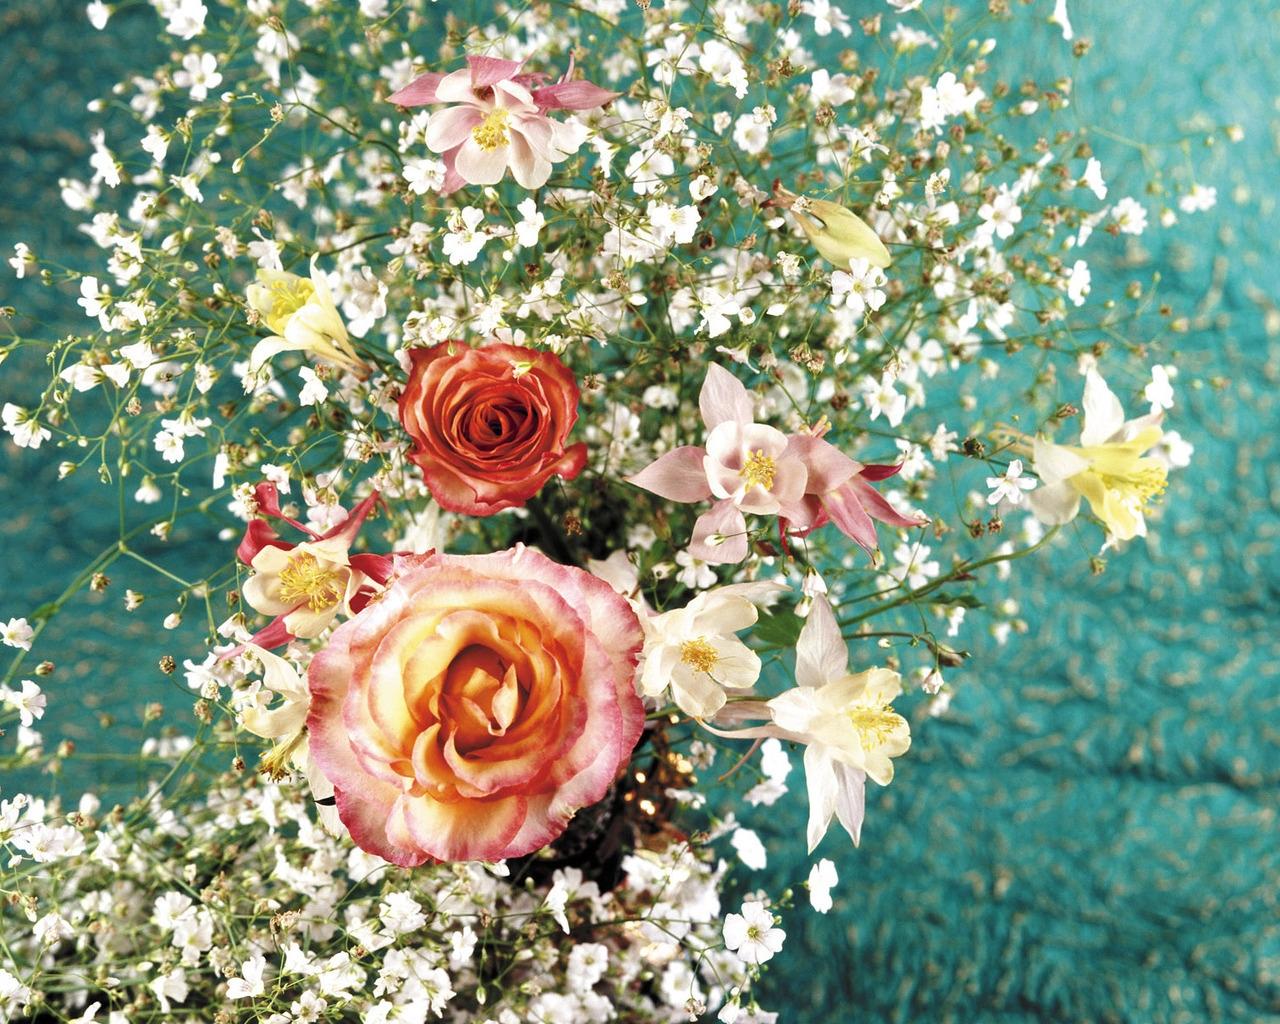 Надписями, картинки море цветов из роз